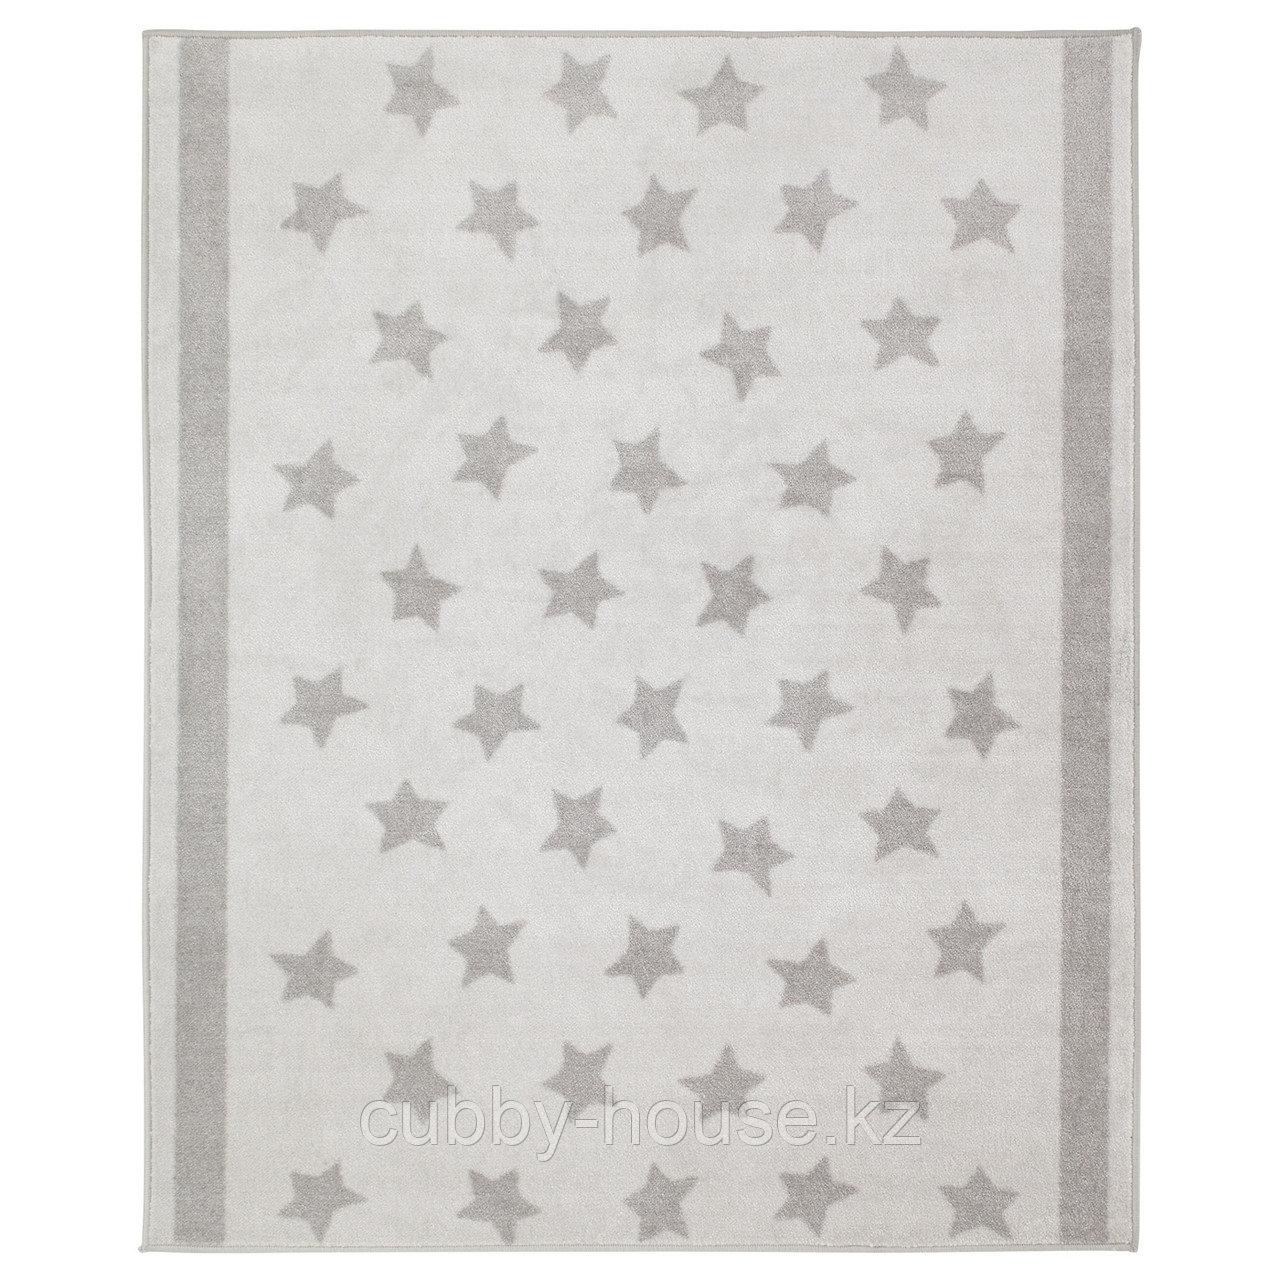 ХИММЕЛЬСК Ковер, серый, 133x160 см